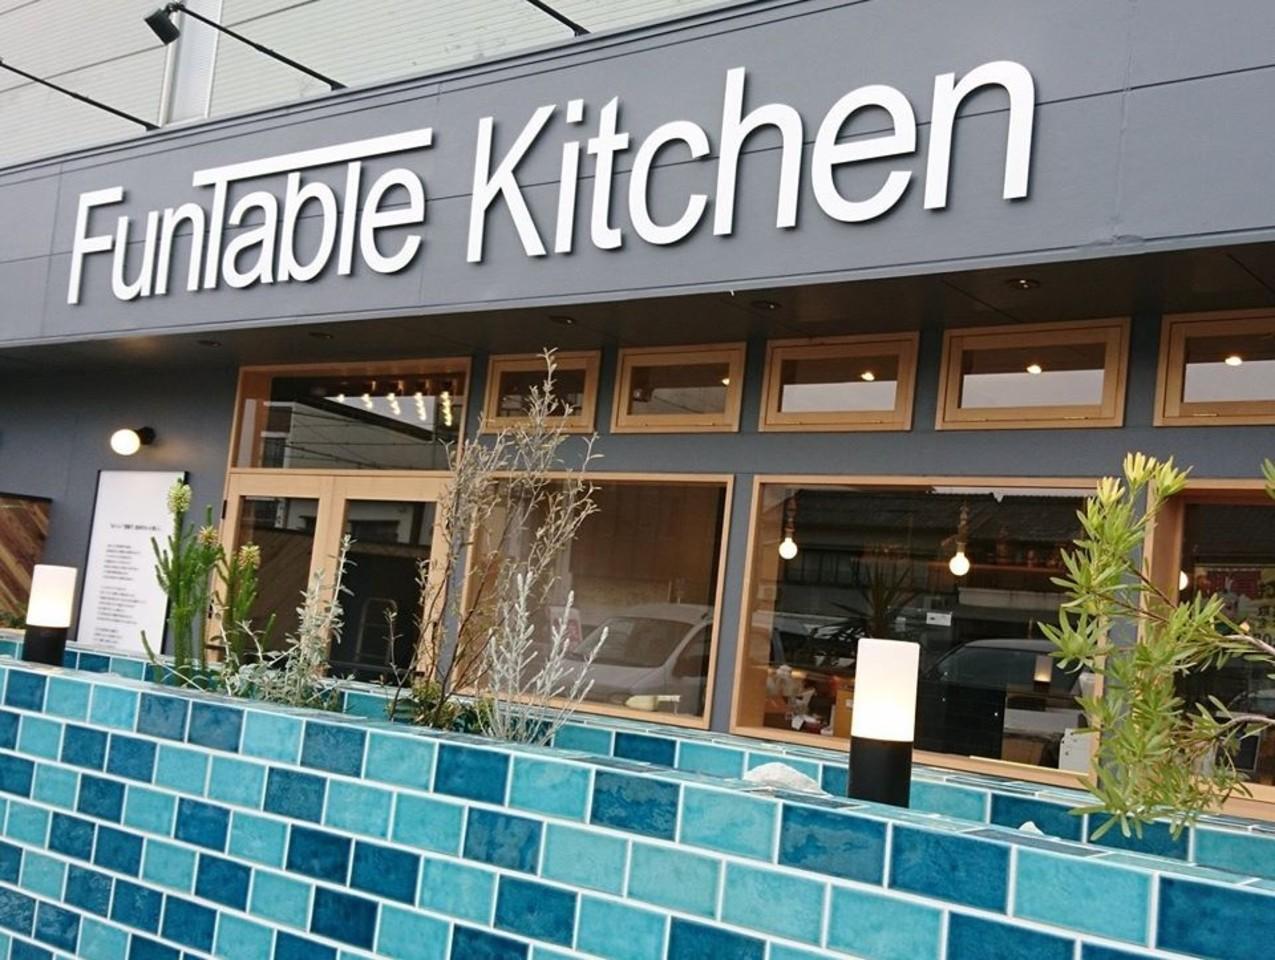 食の楽しさを提供。。愛媛県今治市旭町に食のセレクトショップ『ファンタブルキッチン』オープン